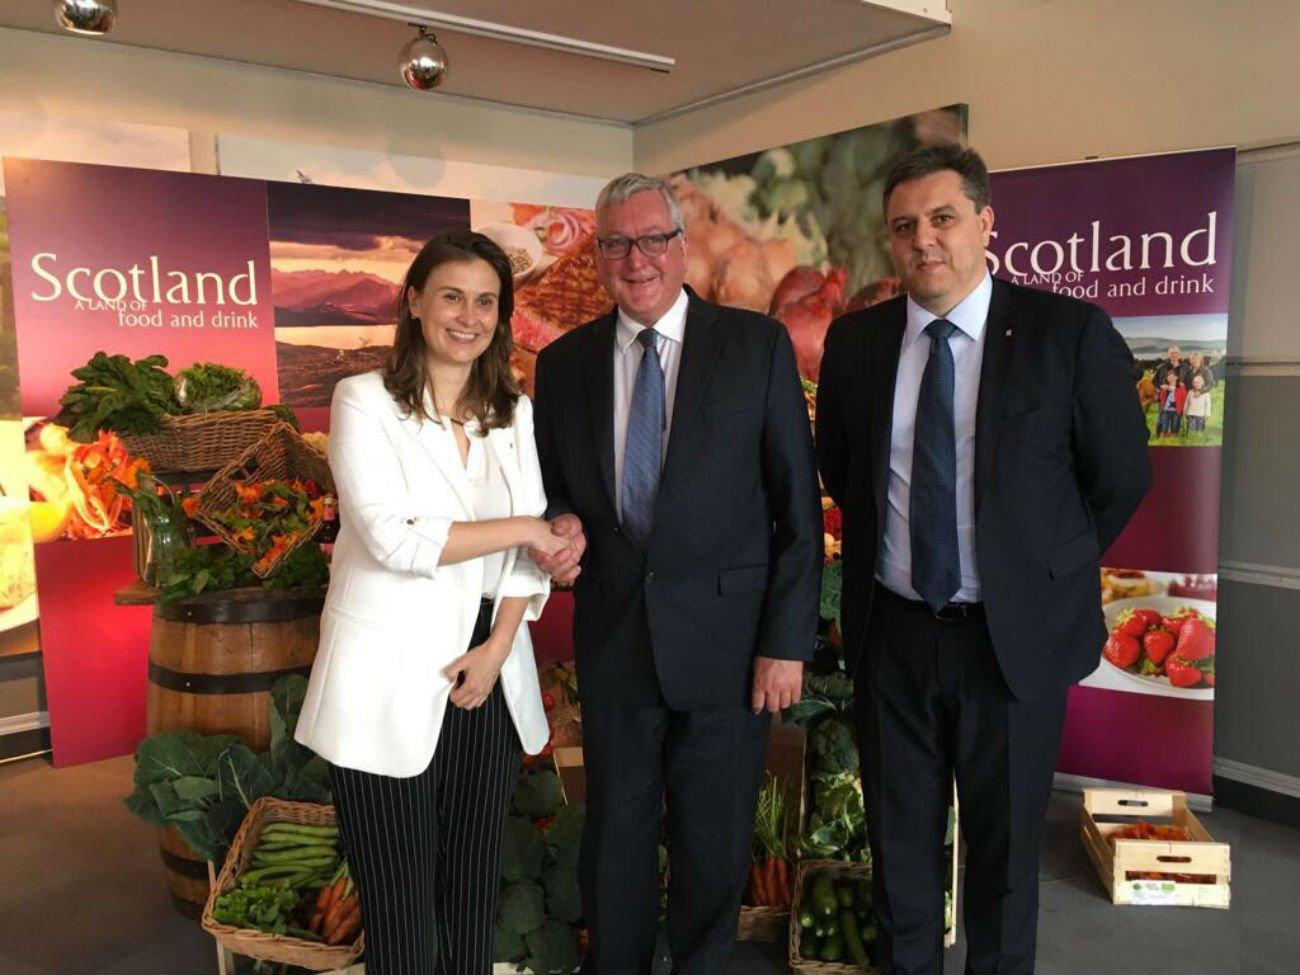 Serret Escocia - @agriculturacat